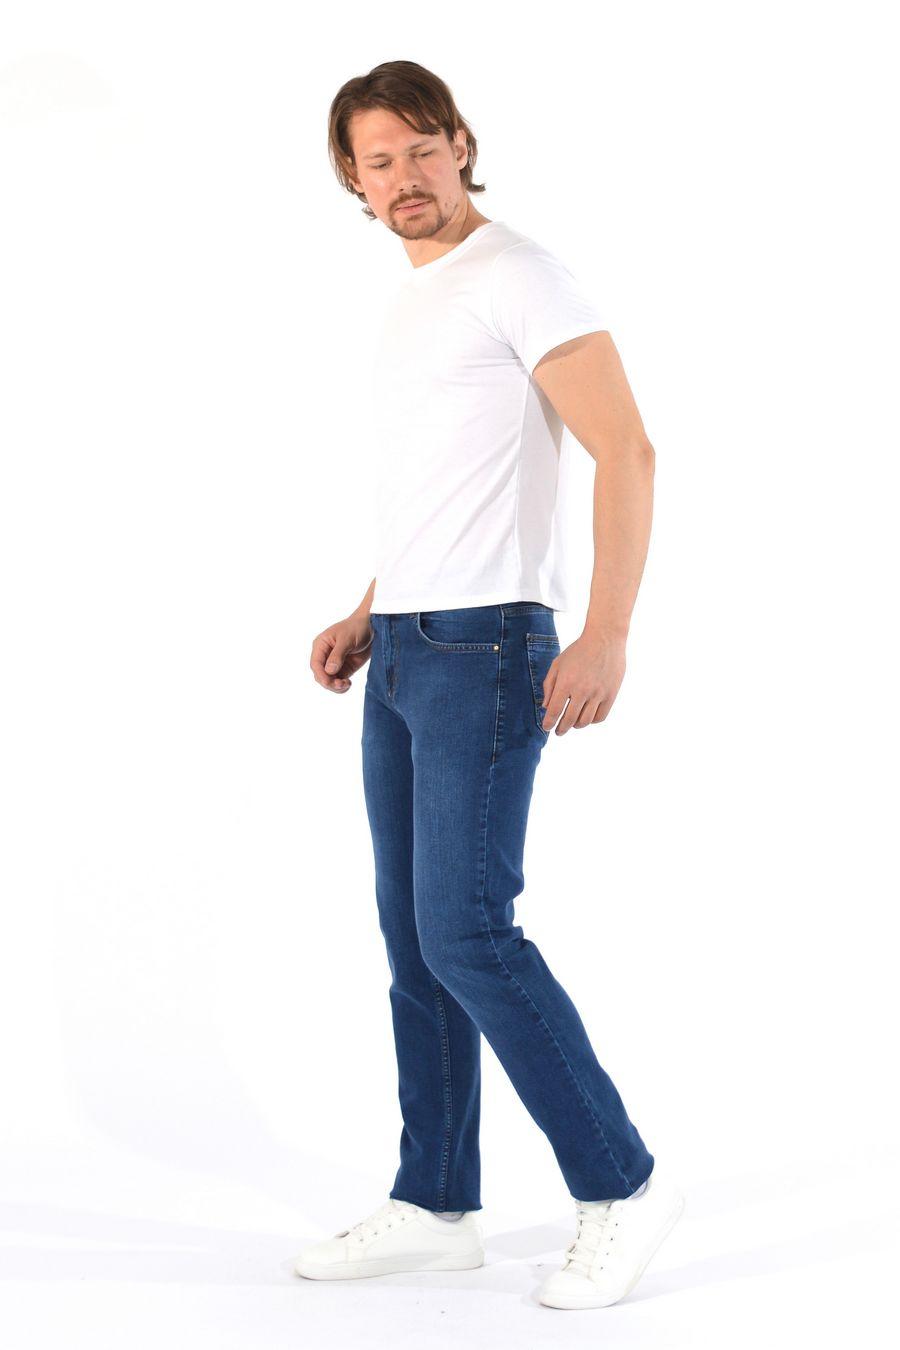 Джинсы мужские MAC Person 2940-12377 Mavi L34 - фото 3